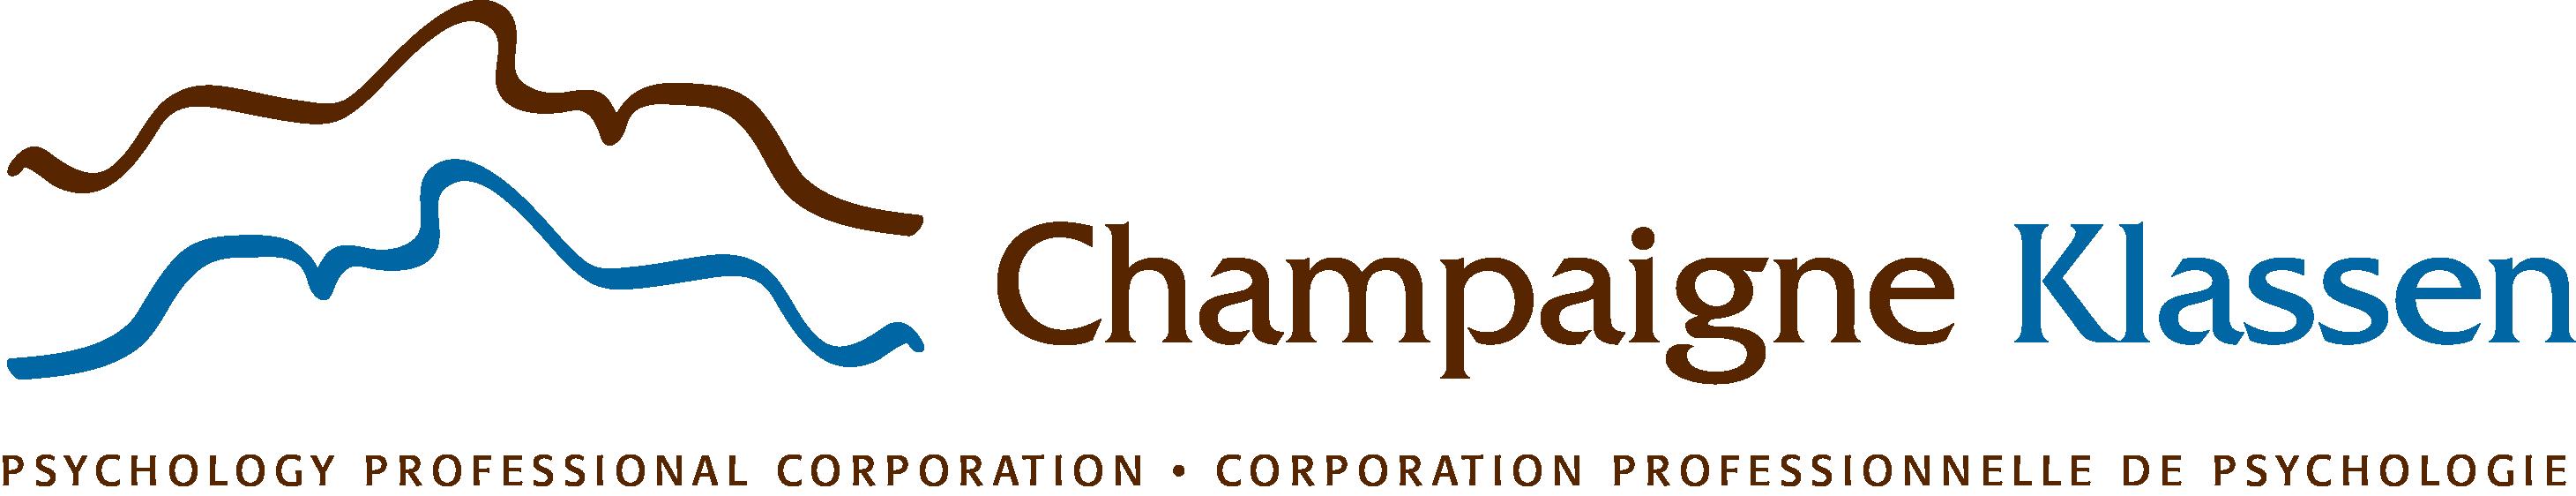 Champaigne Klassen Psychology Professional Corporation